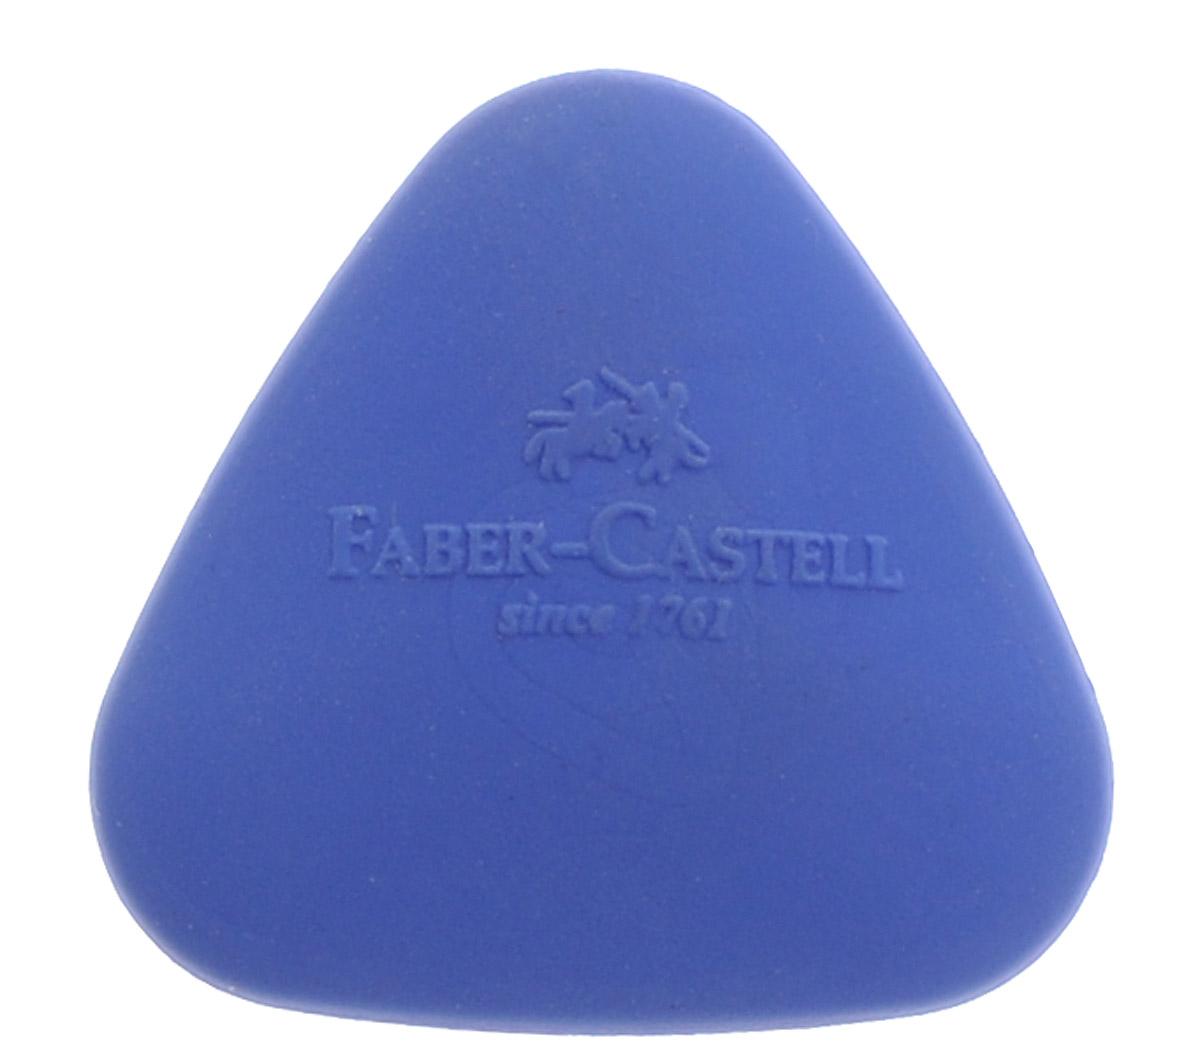 Faber-Castell Ластик формованный треугольный цвет синийFS-36054Ластик Faber-Castell - незаменимый аксессуар на рабочем столе не только школьника или студента, но и офисного работника. Он легко и без следа удаляет надписи, сделанные карандашом. Ластик имеет форму треугольника и его очень удобно держать в руке.